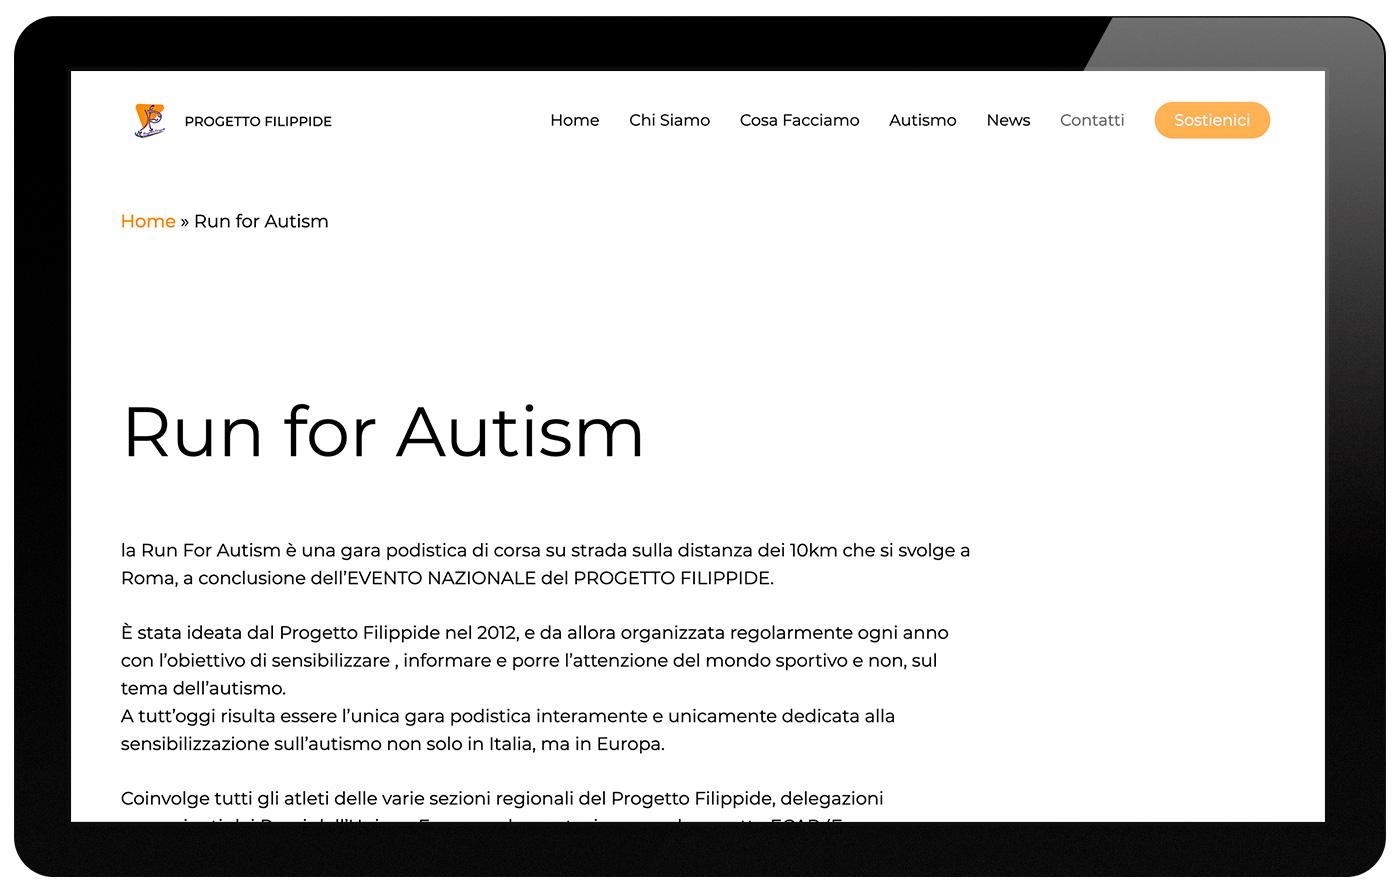 Progetto Filippide run for autism